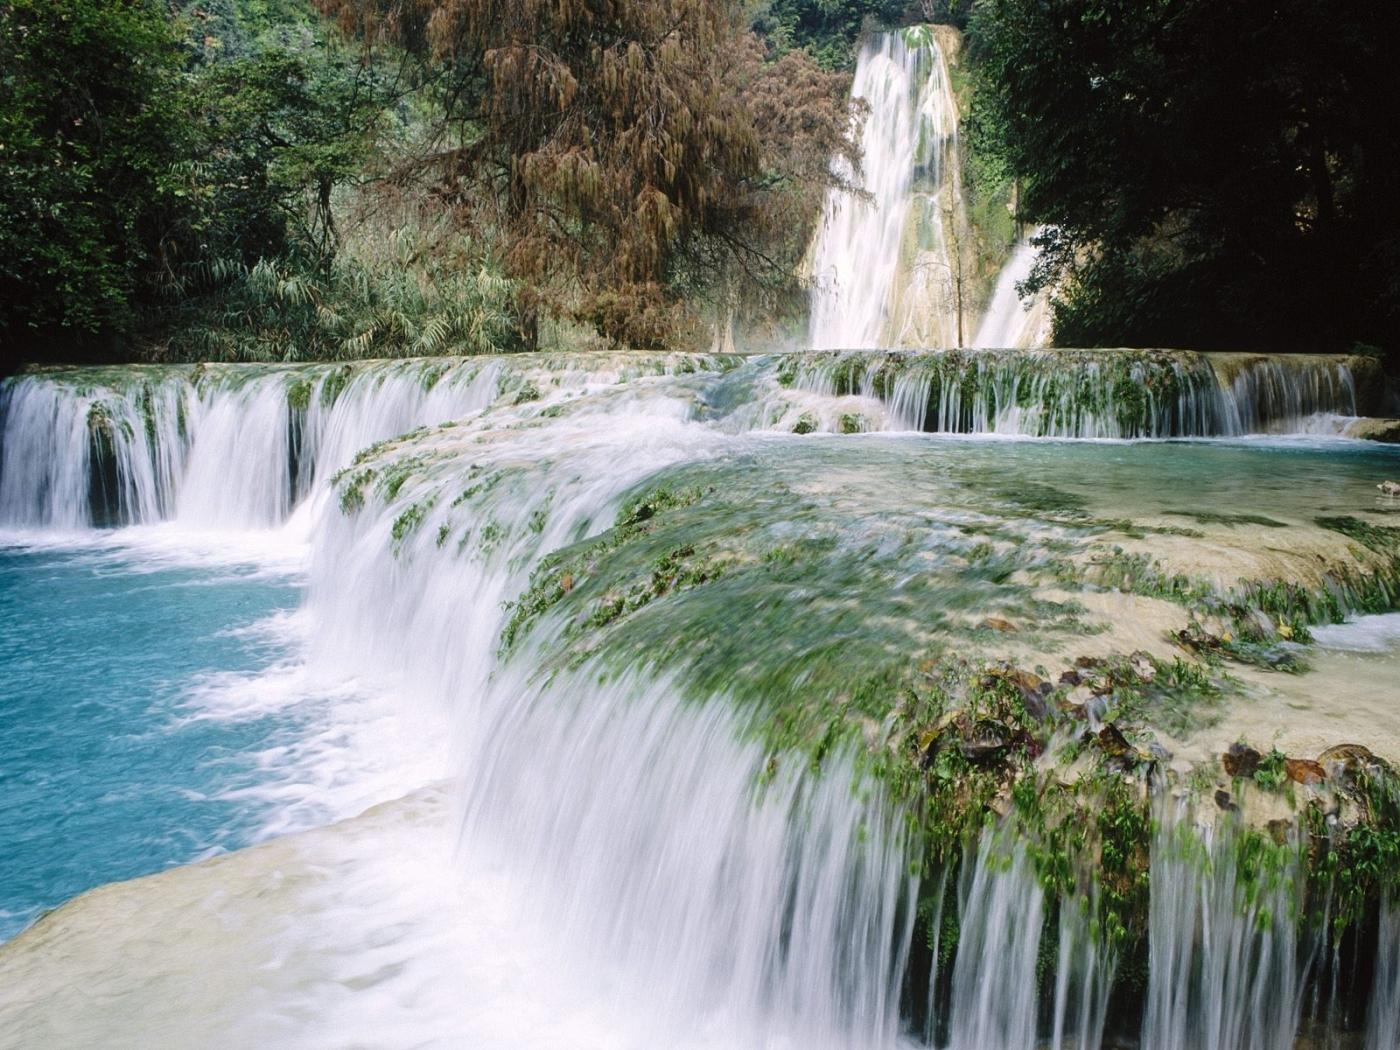 39877 скачать обои Пейзаж, Водопады - заставки и картинки бесплатно